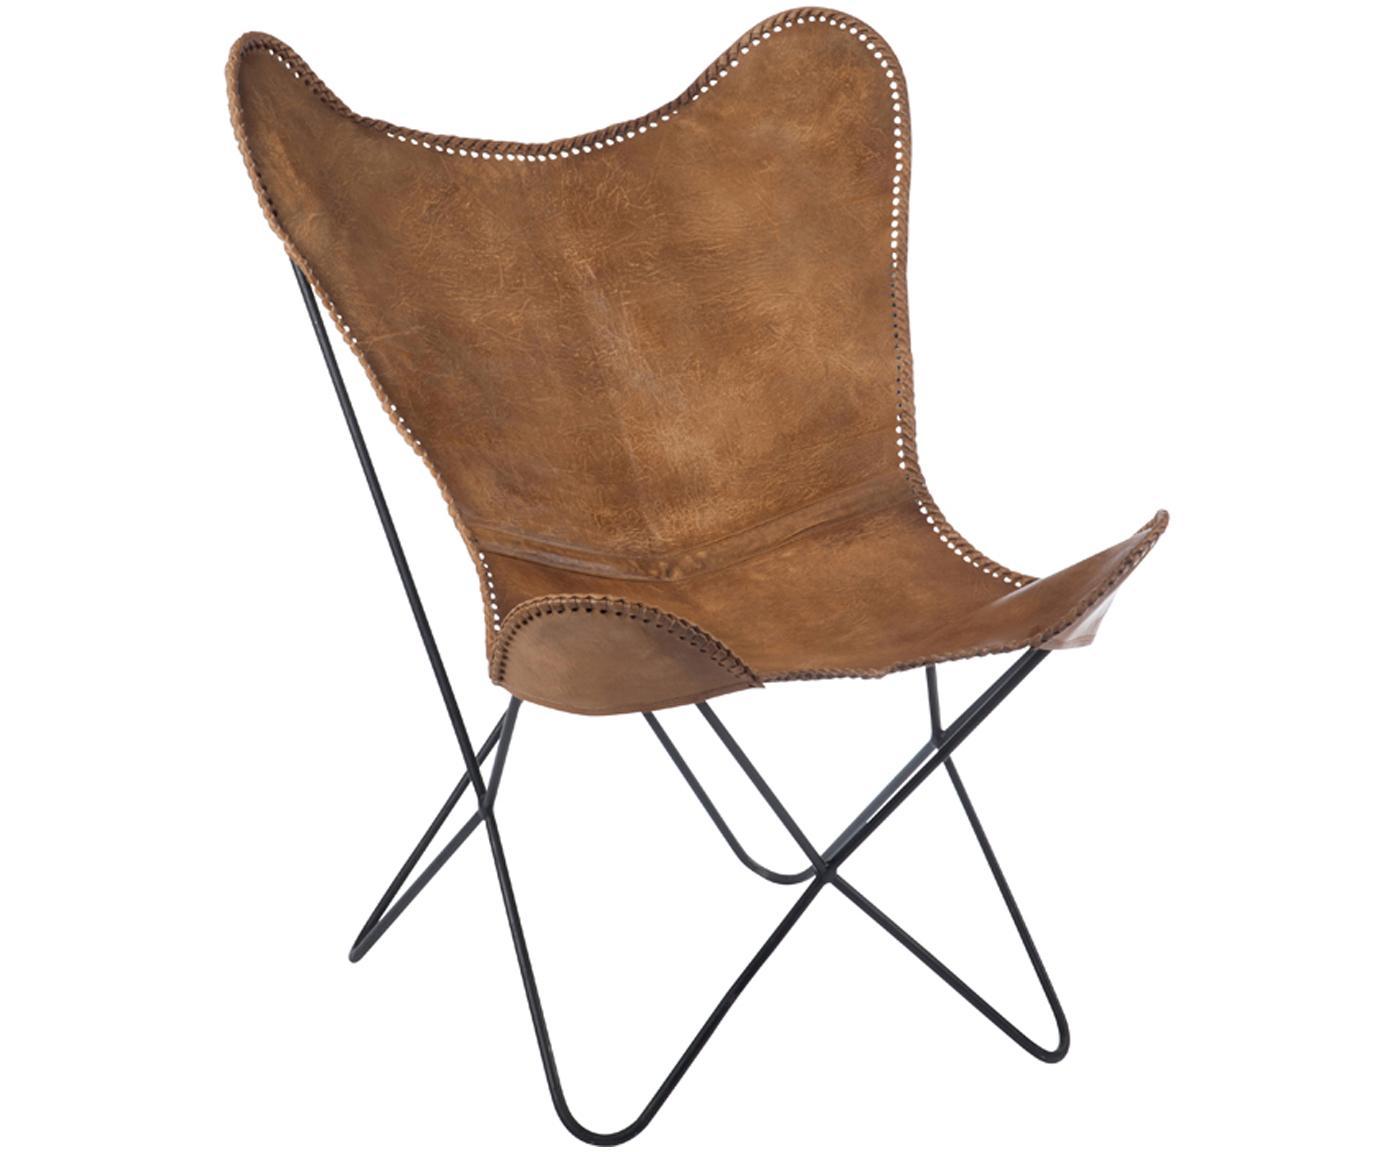 Leren fauteuil Brady, Zitvlak: geitenleer, Frame: gelakt metaal, Bruin, B 67 x T 73 cm